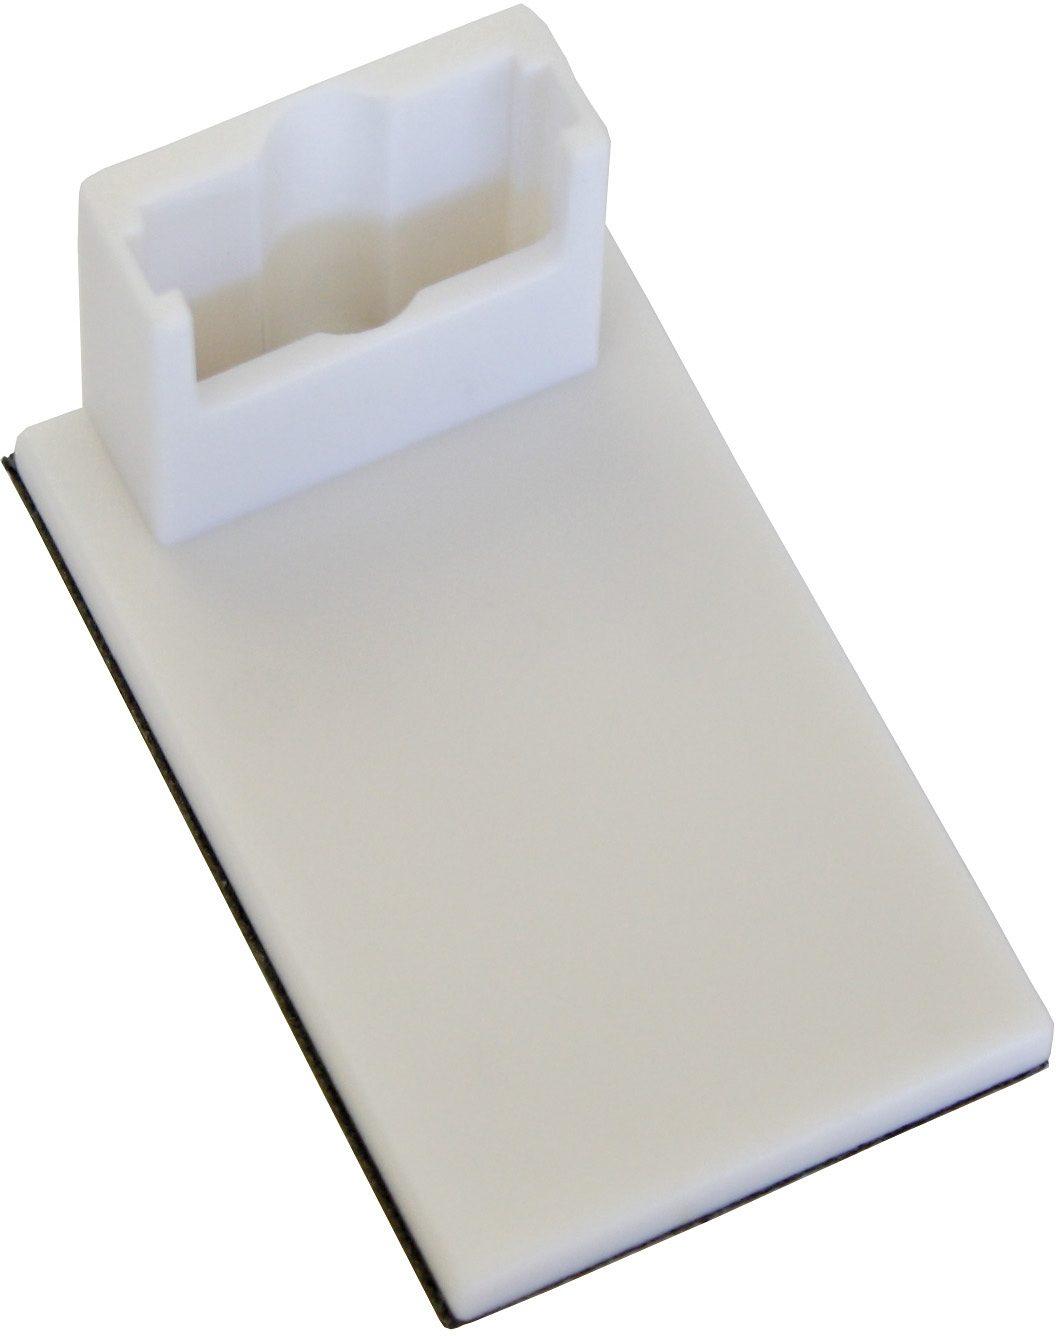 GARDINIA Klebeträger für Easyfix Plissee und Easyfix Jalousie (4 Stück)